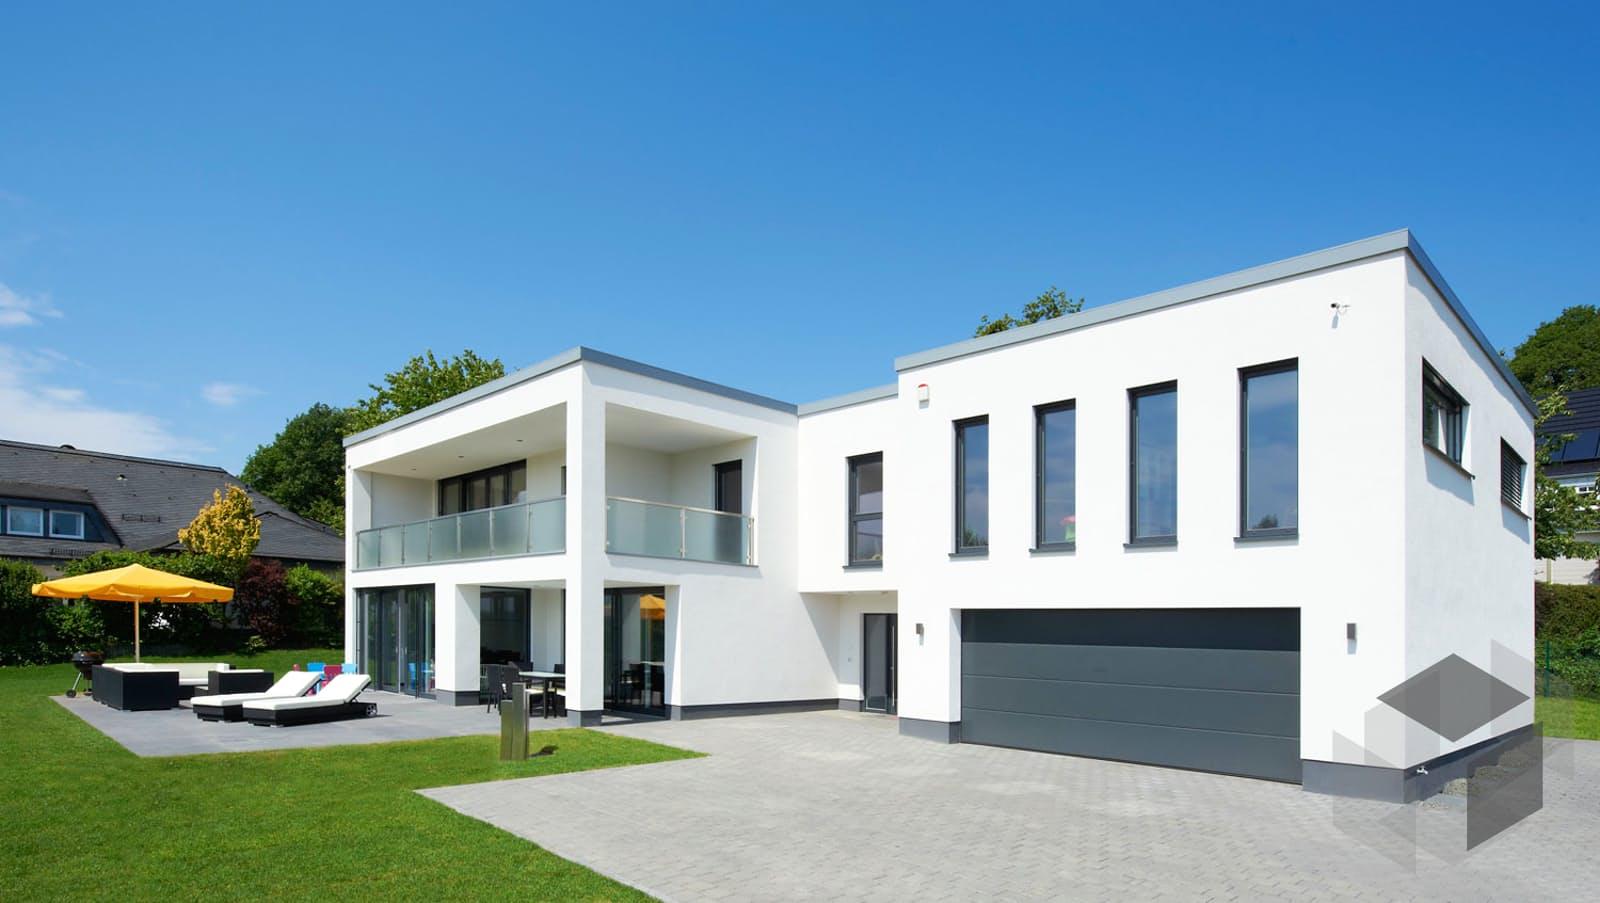 Calando von Büdenbender Hausbau | komplette Datenübersicht ...